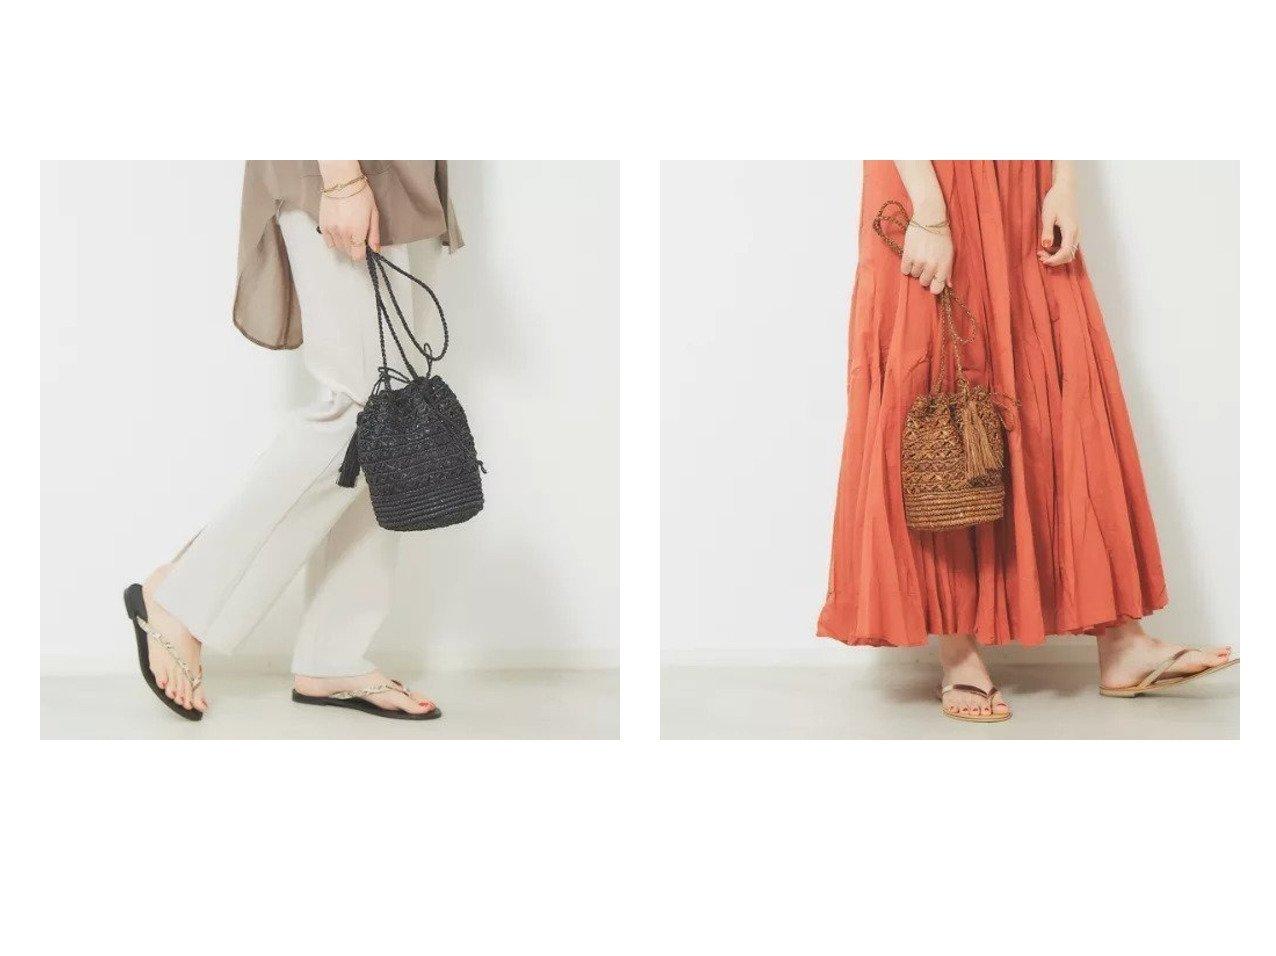 【Rouge vif/ルージュ ヴィフ】の【MAISON N.H PARIS】 Judith カゴ巾着 おすすめ!人気、トレンド・レディースファッションの通販 おすすめで人気の流行・トレンド、ファッションの通販商品 メンズファッション・キッズファッション・インテリア・家具・レディースファッション・服の通販 founy(ファニー) https://founy.com/ ファッション Fashion レディースファッション WOMEN リゾート 今季 巾着 |ID:crp329100000013885